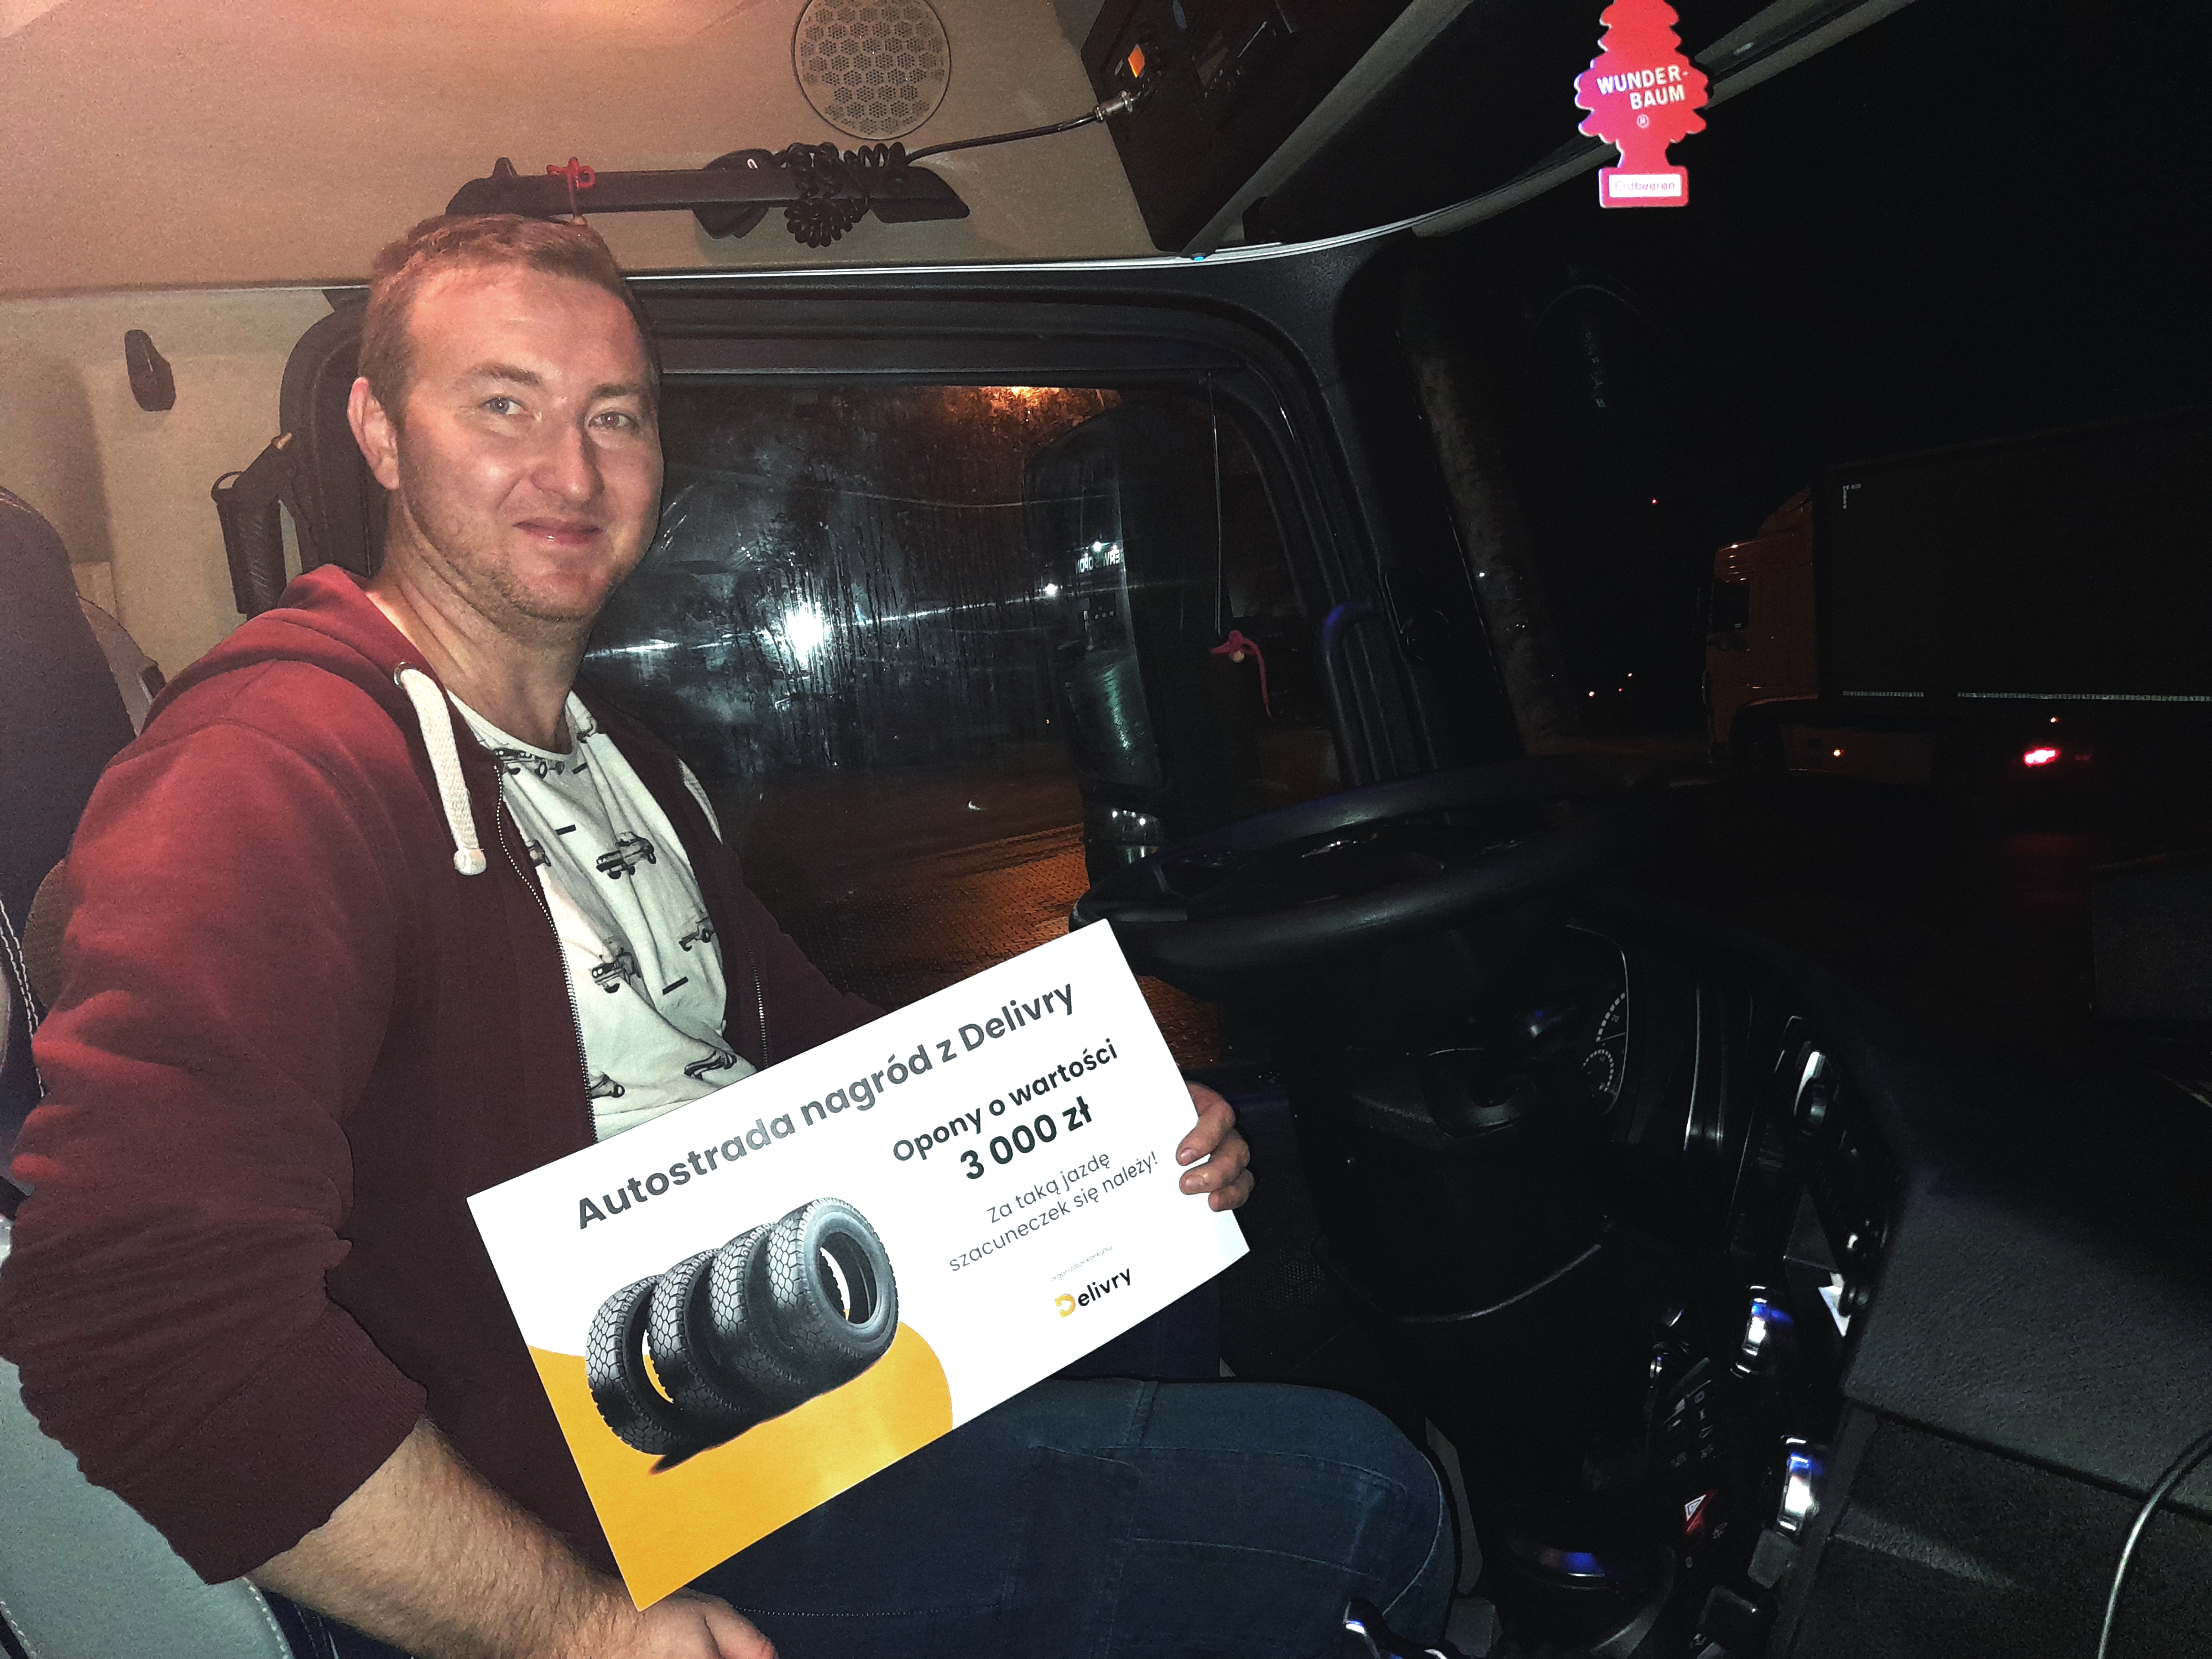 kierowca zawodowy w ciężarówce trzyma voucher z nagrodą.